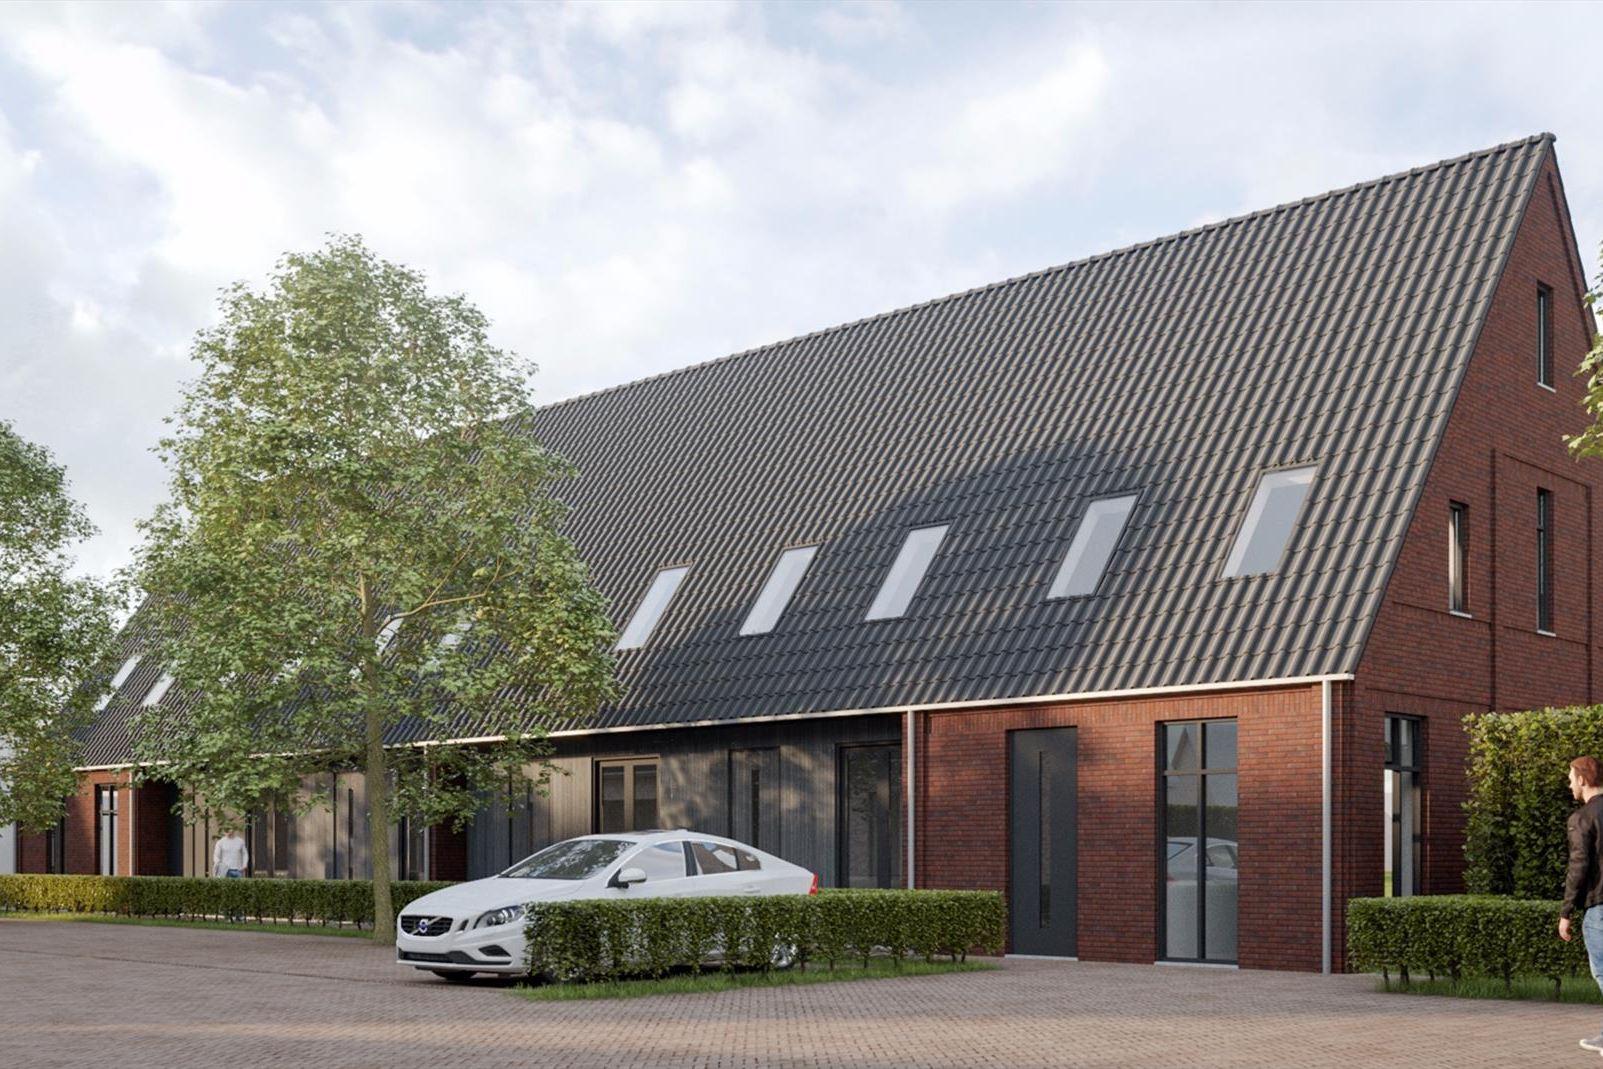 Budget Badkamer Nuenen : Verkocht: gerwenzo! bouwnummer 1 5674 xd nuenen [funda]